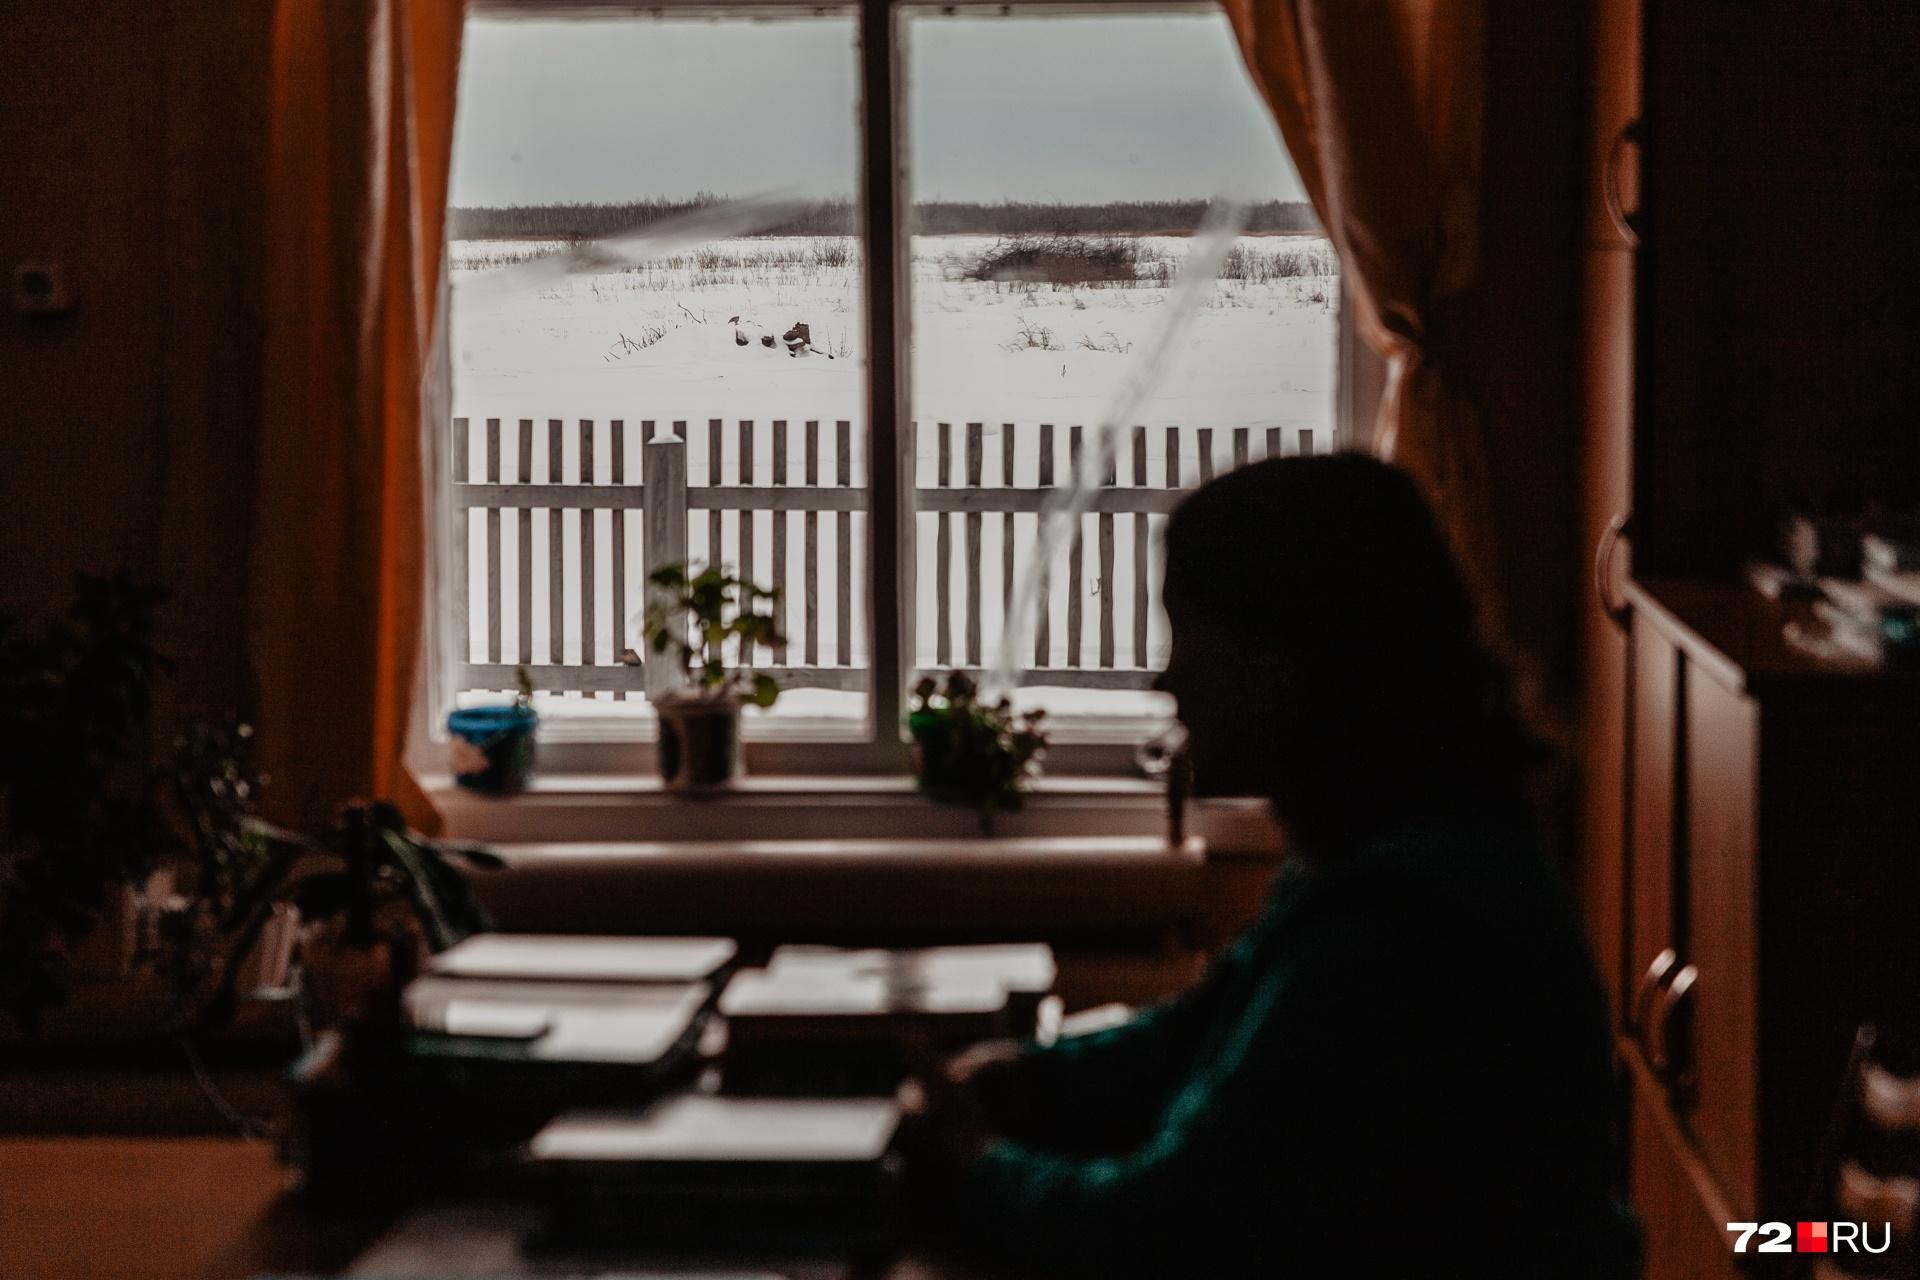 Вид из окна на бескрайние степи. Место, чтобы думать о вечном